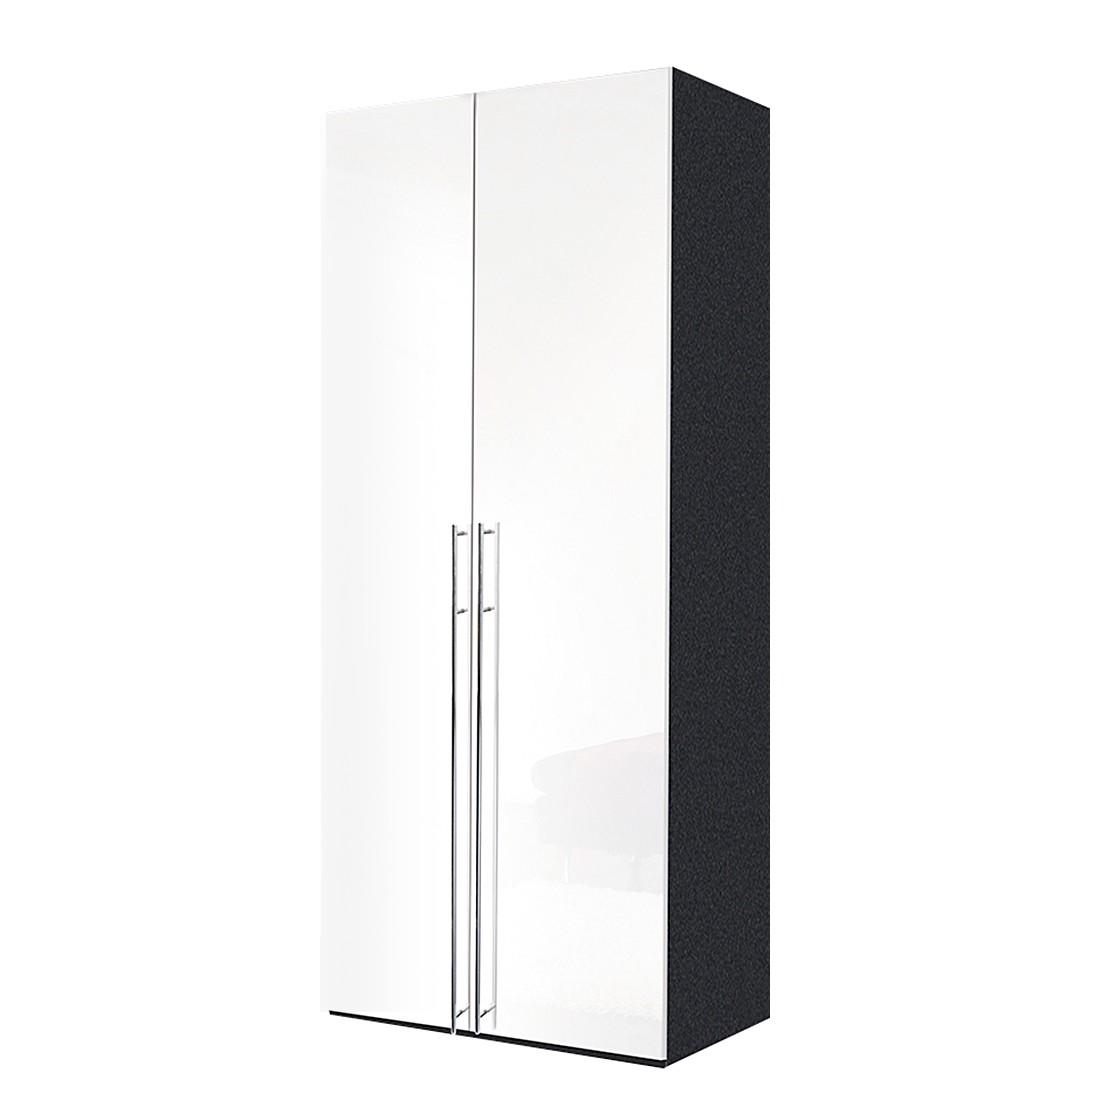 Meubelaanbod.nl   uw online meubel warenhuis   sale  sale   sale